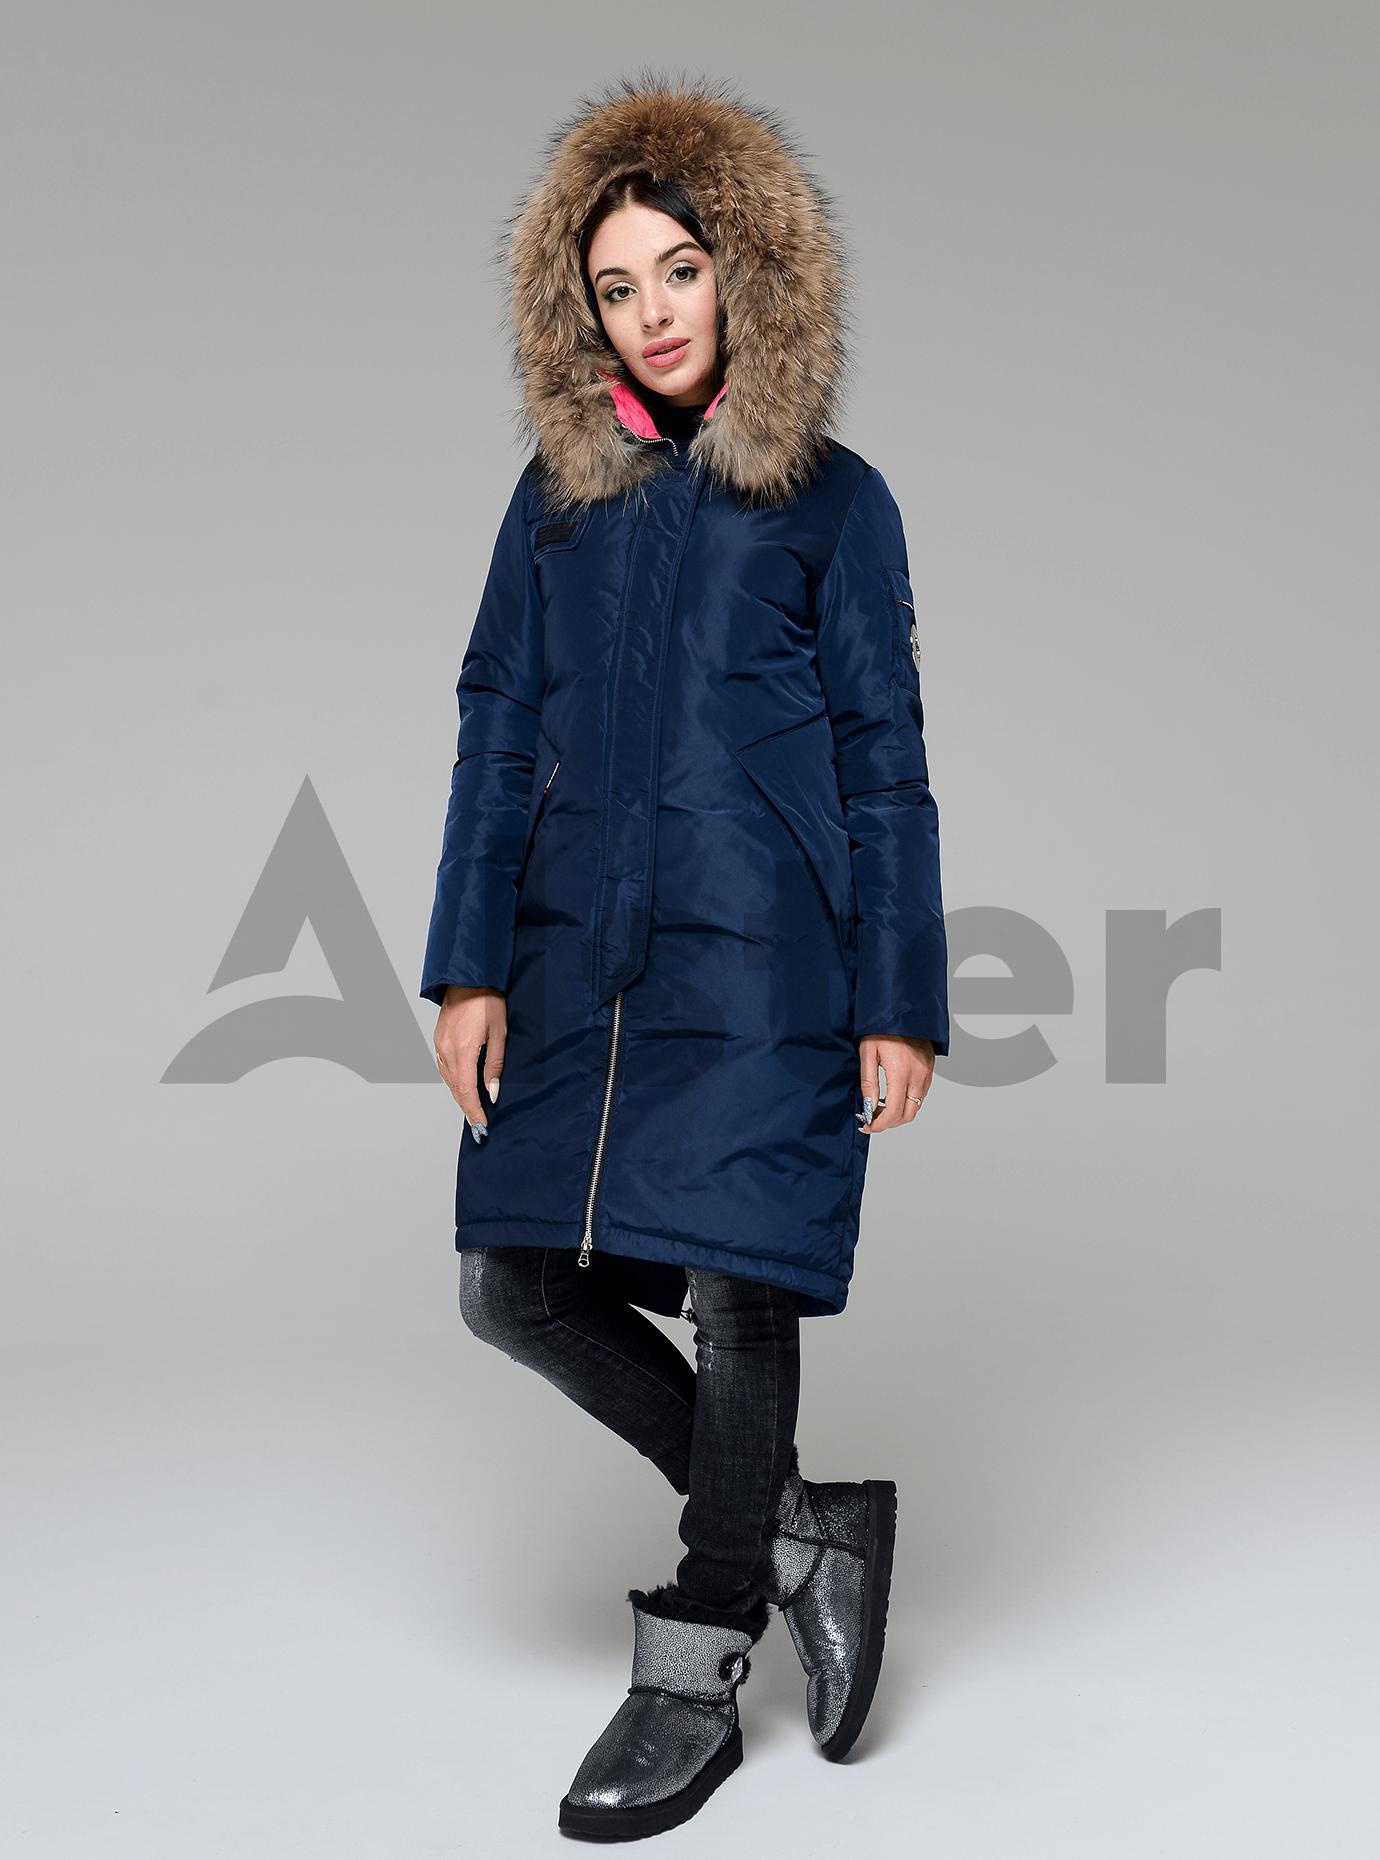 Куртка зимняя длинная со съемным мехом енота Синий S (05-V191200): фото - Alster.ua